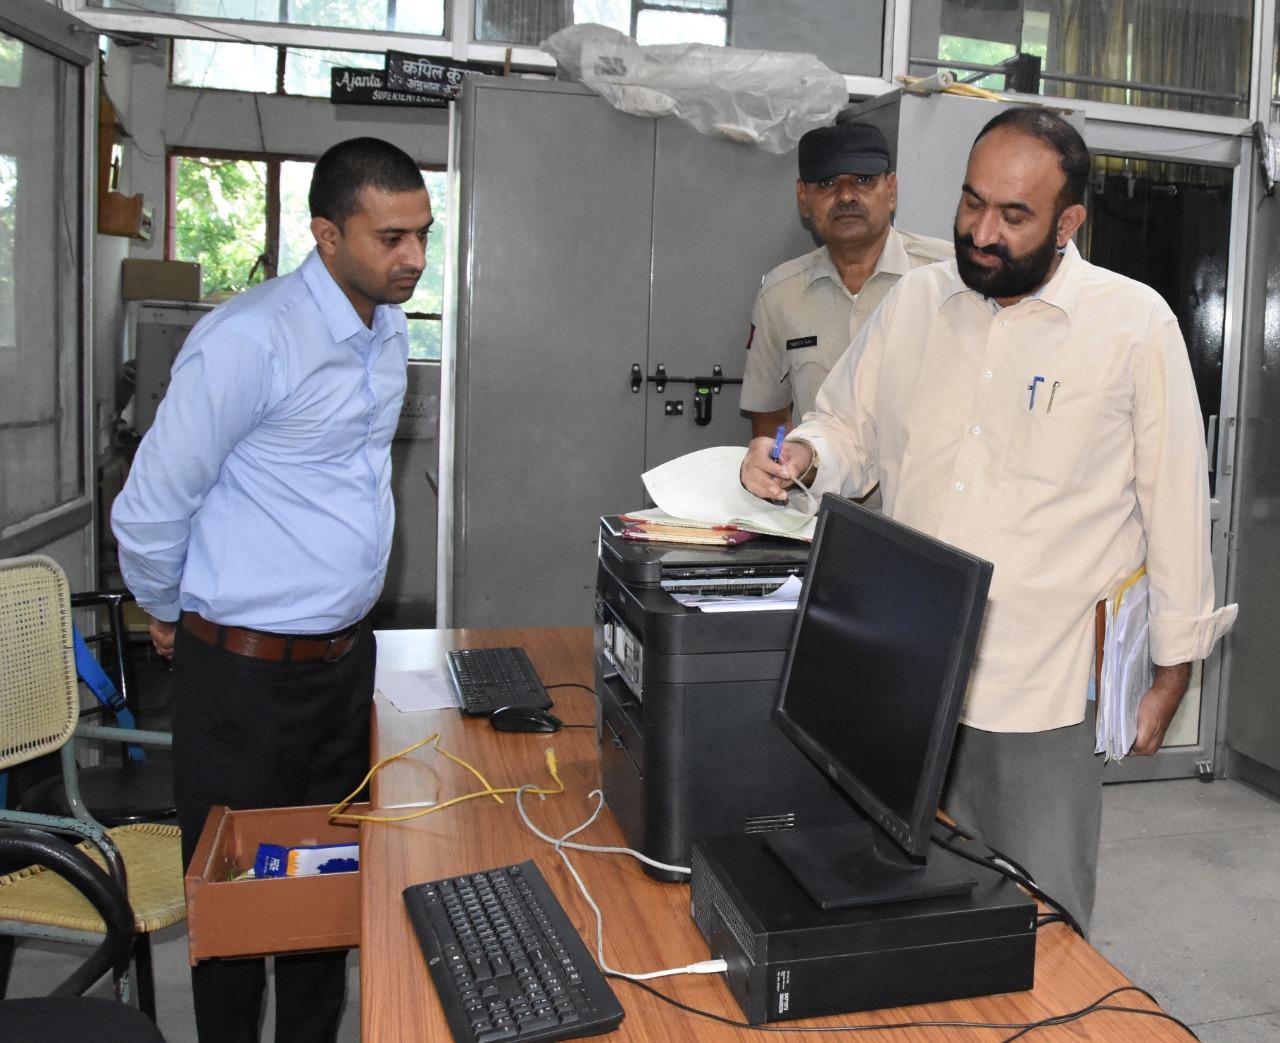 रेवाड़ी DC ने 5 टीमें बनाकर 24 से ज्यादा दफ्तरों का निरीक्षण किया, डेस्क पर नहीं मिले कई वर्कर और अधिकारी|रेवाड़ी,Rewari - Dainik Bhaskar